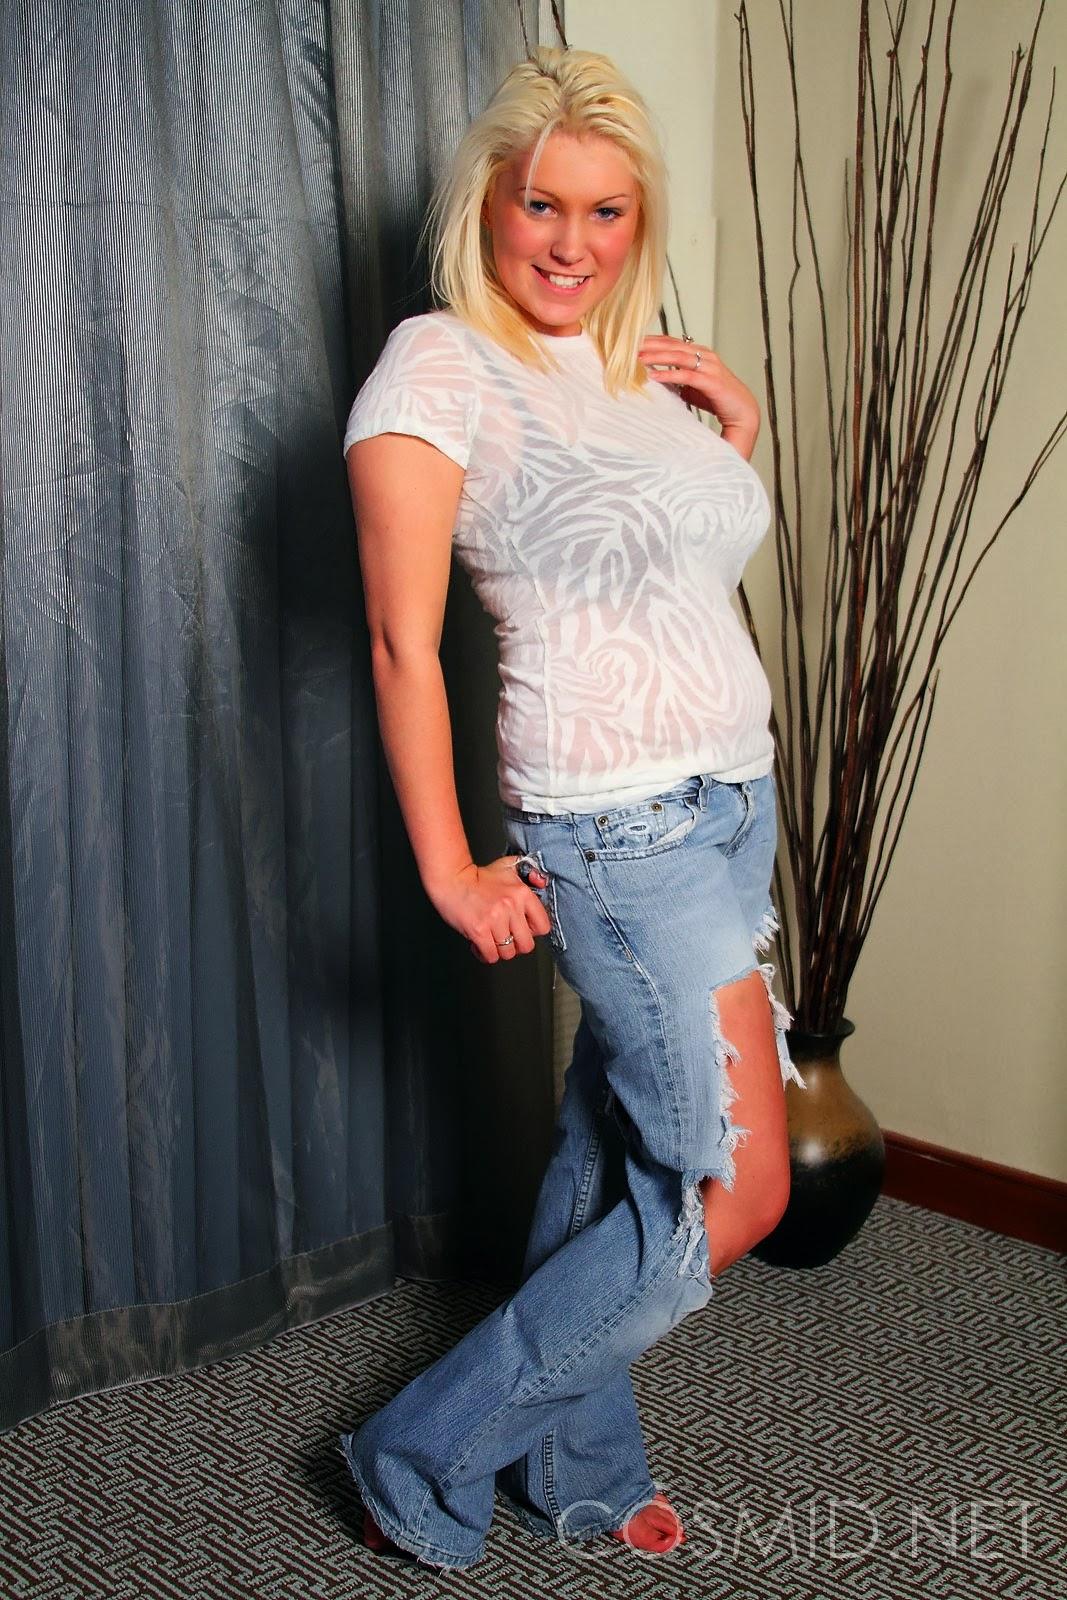 Queensized Beauties 2: Barbara Angel